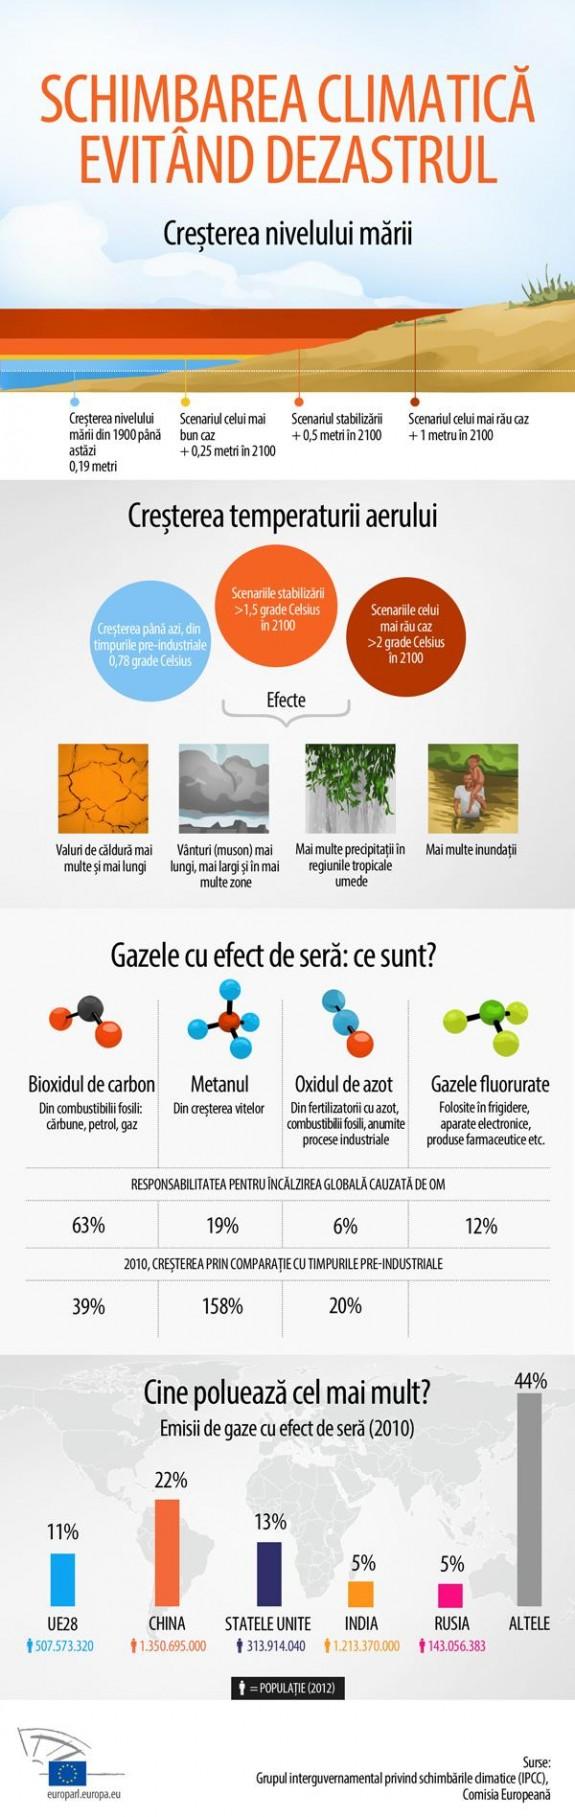 COP20 la Lima: Schimbarea climatica - Evitand dezastrul